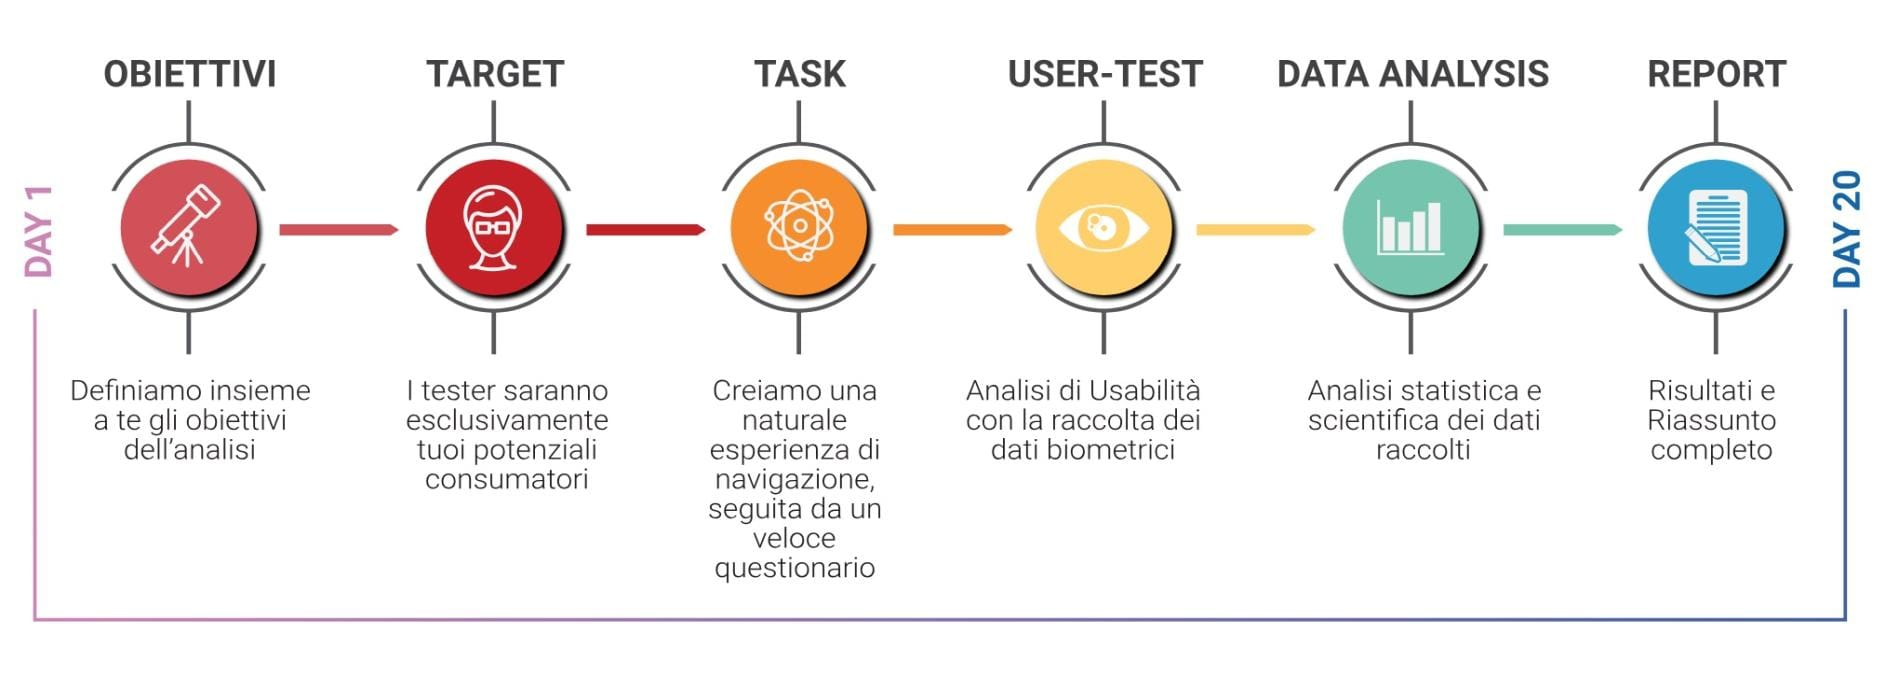 neurowebdesign-processo-ita